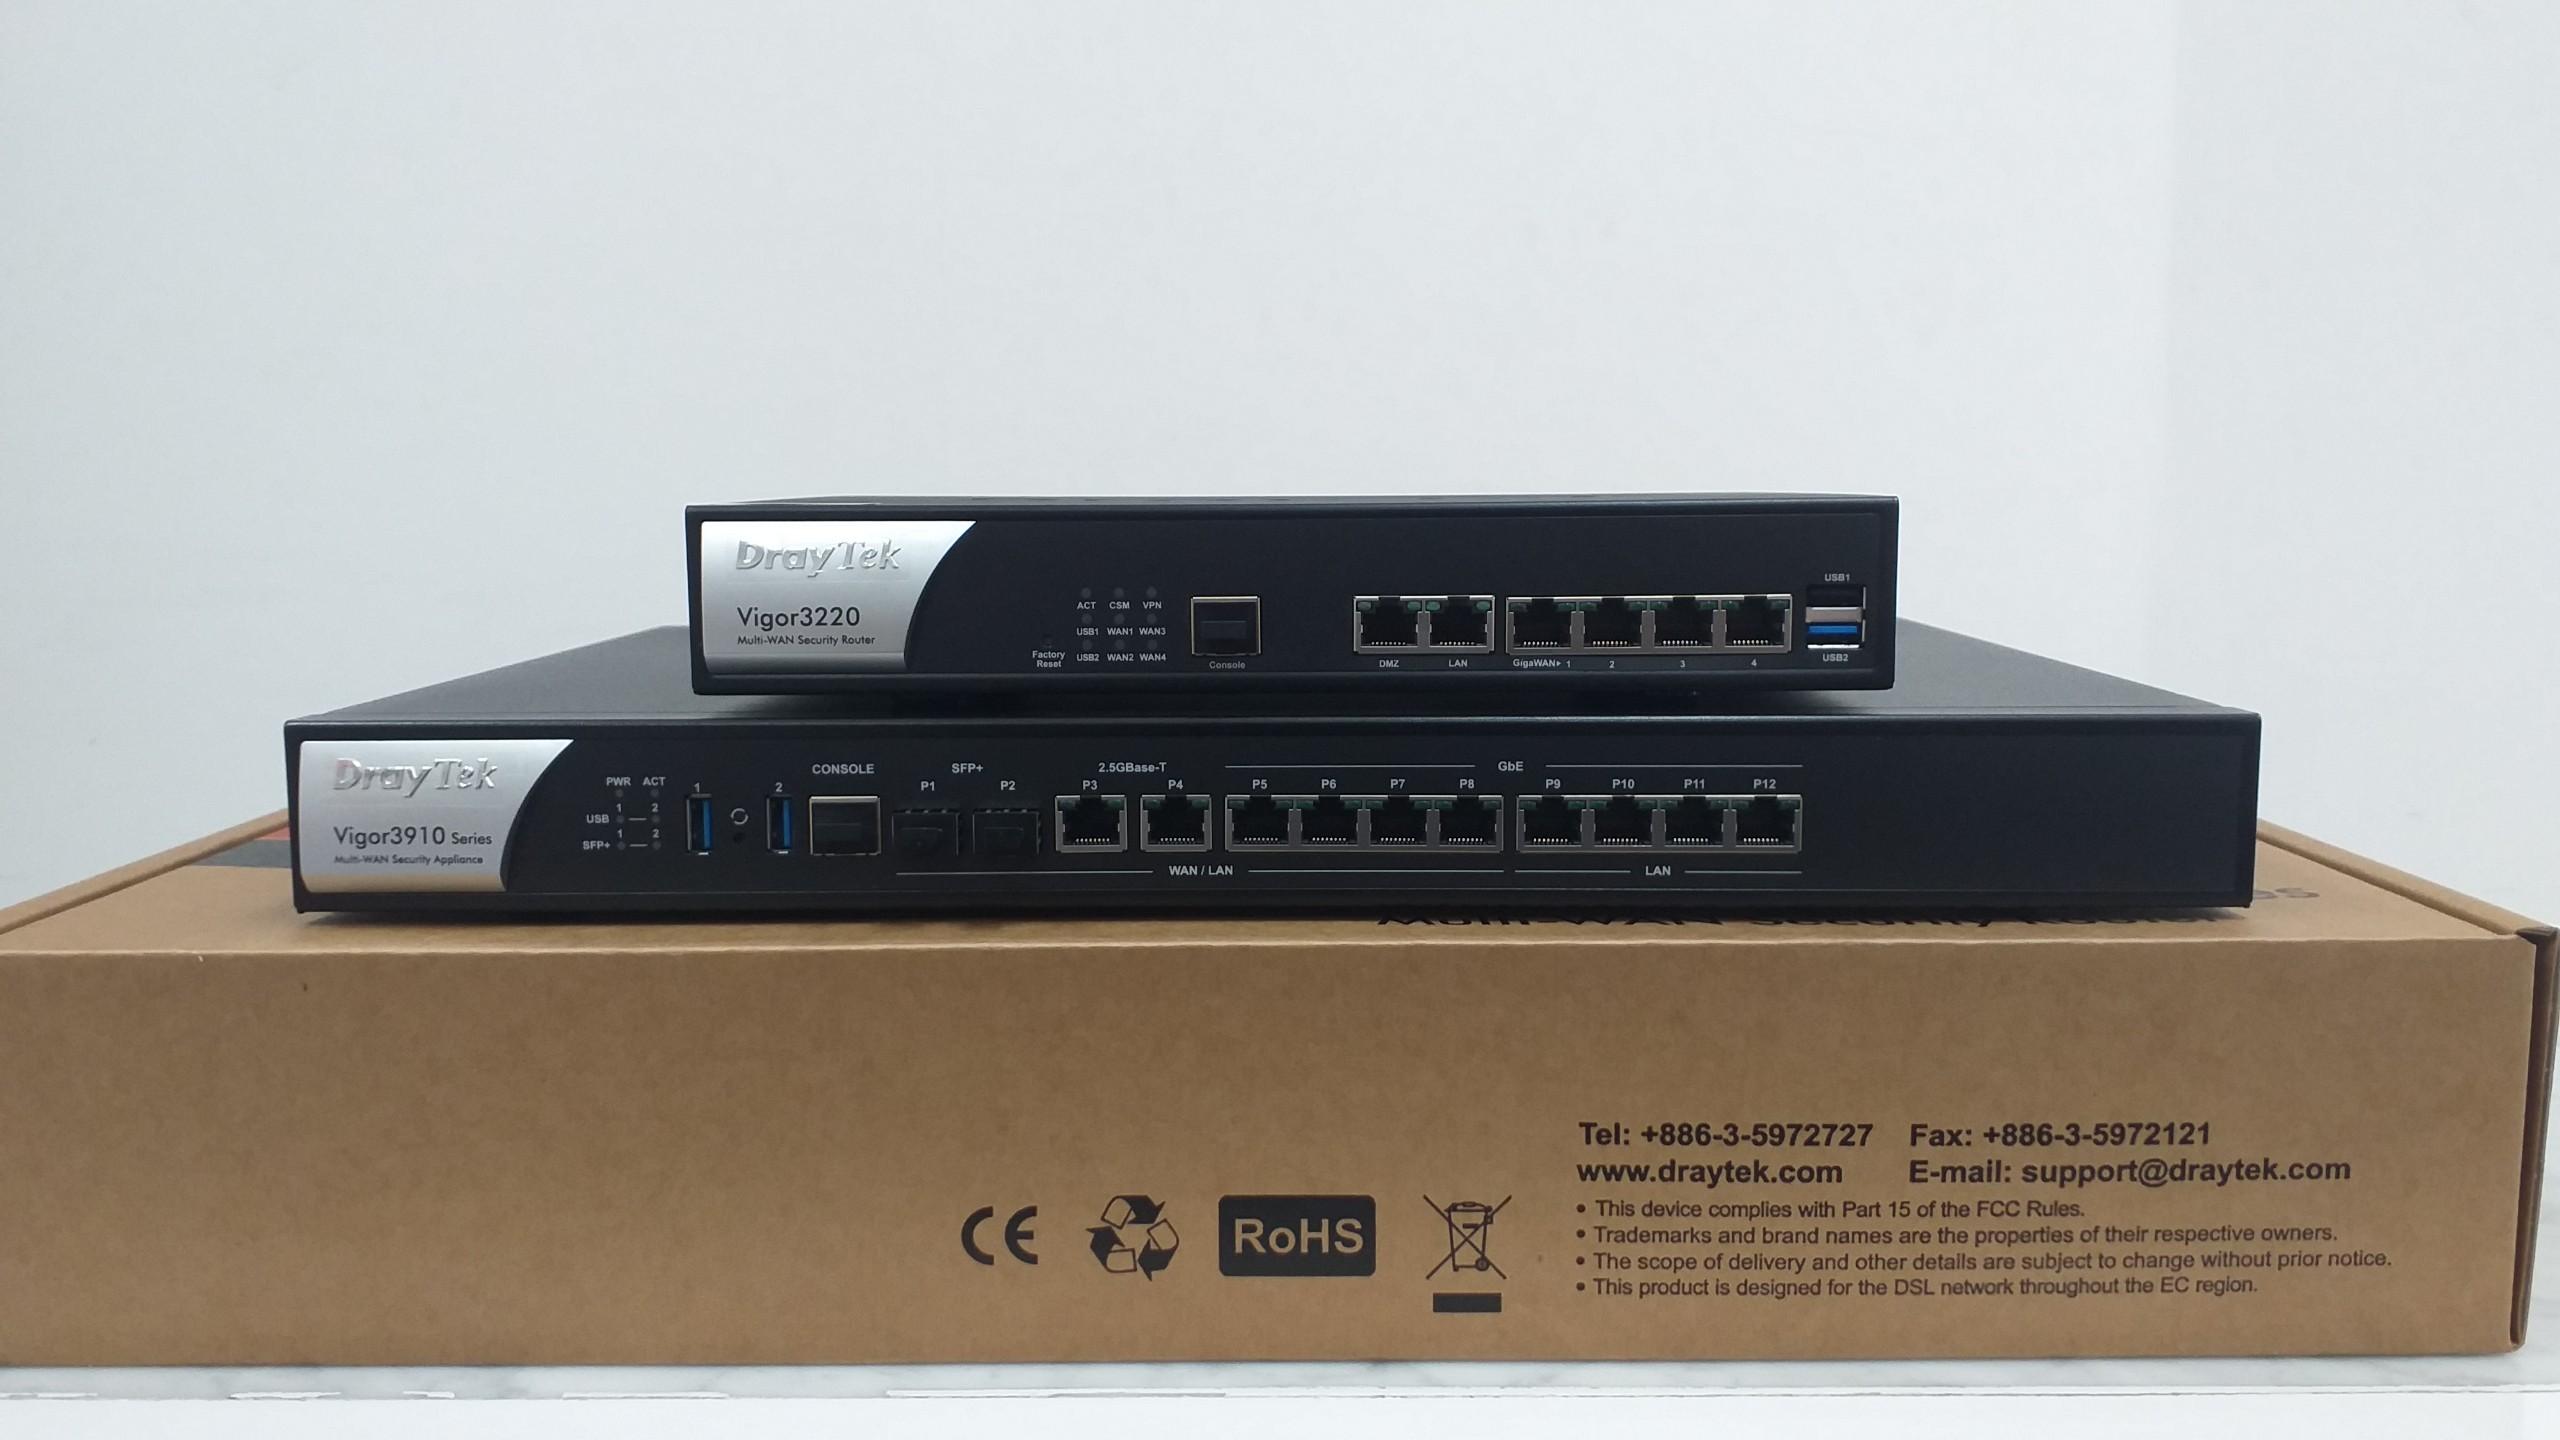 Router Draytek Vigor3910 - NetworkPro